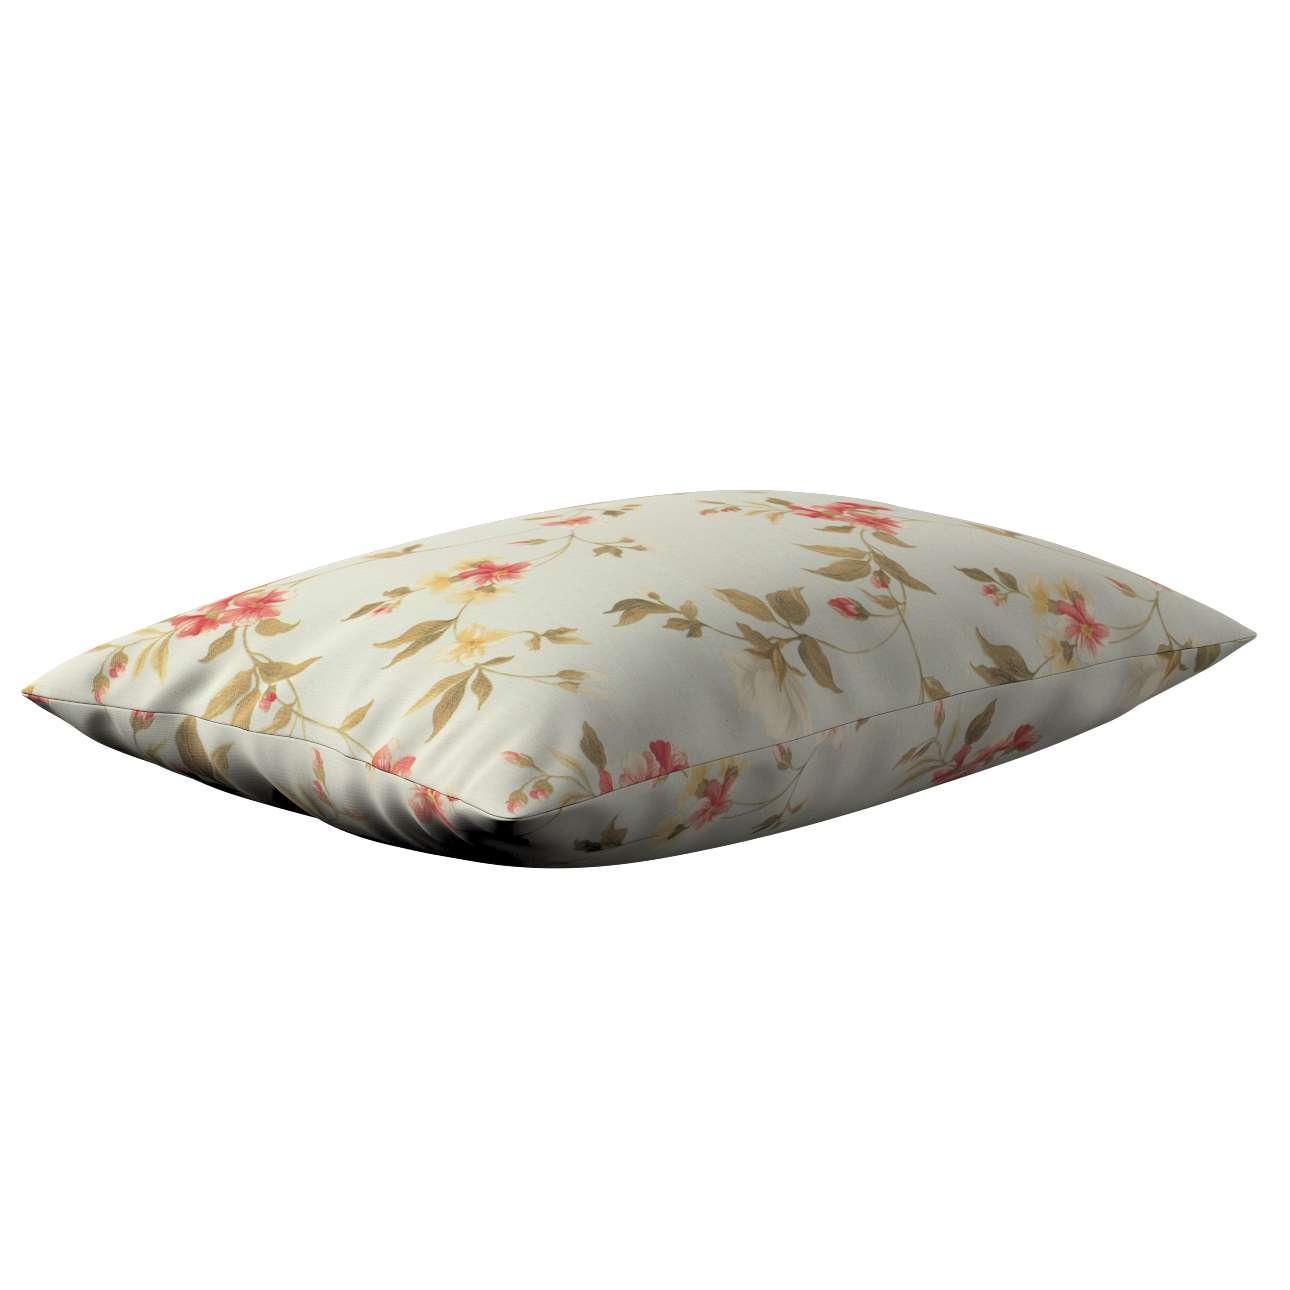 Poszewka Kinga na poduszkę prostokątną 60 x 40 cm w kolekcji Londres, tkanina: 124-65